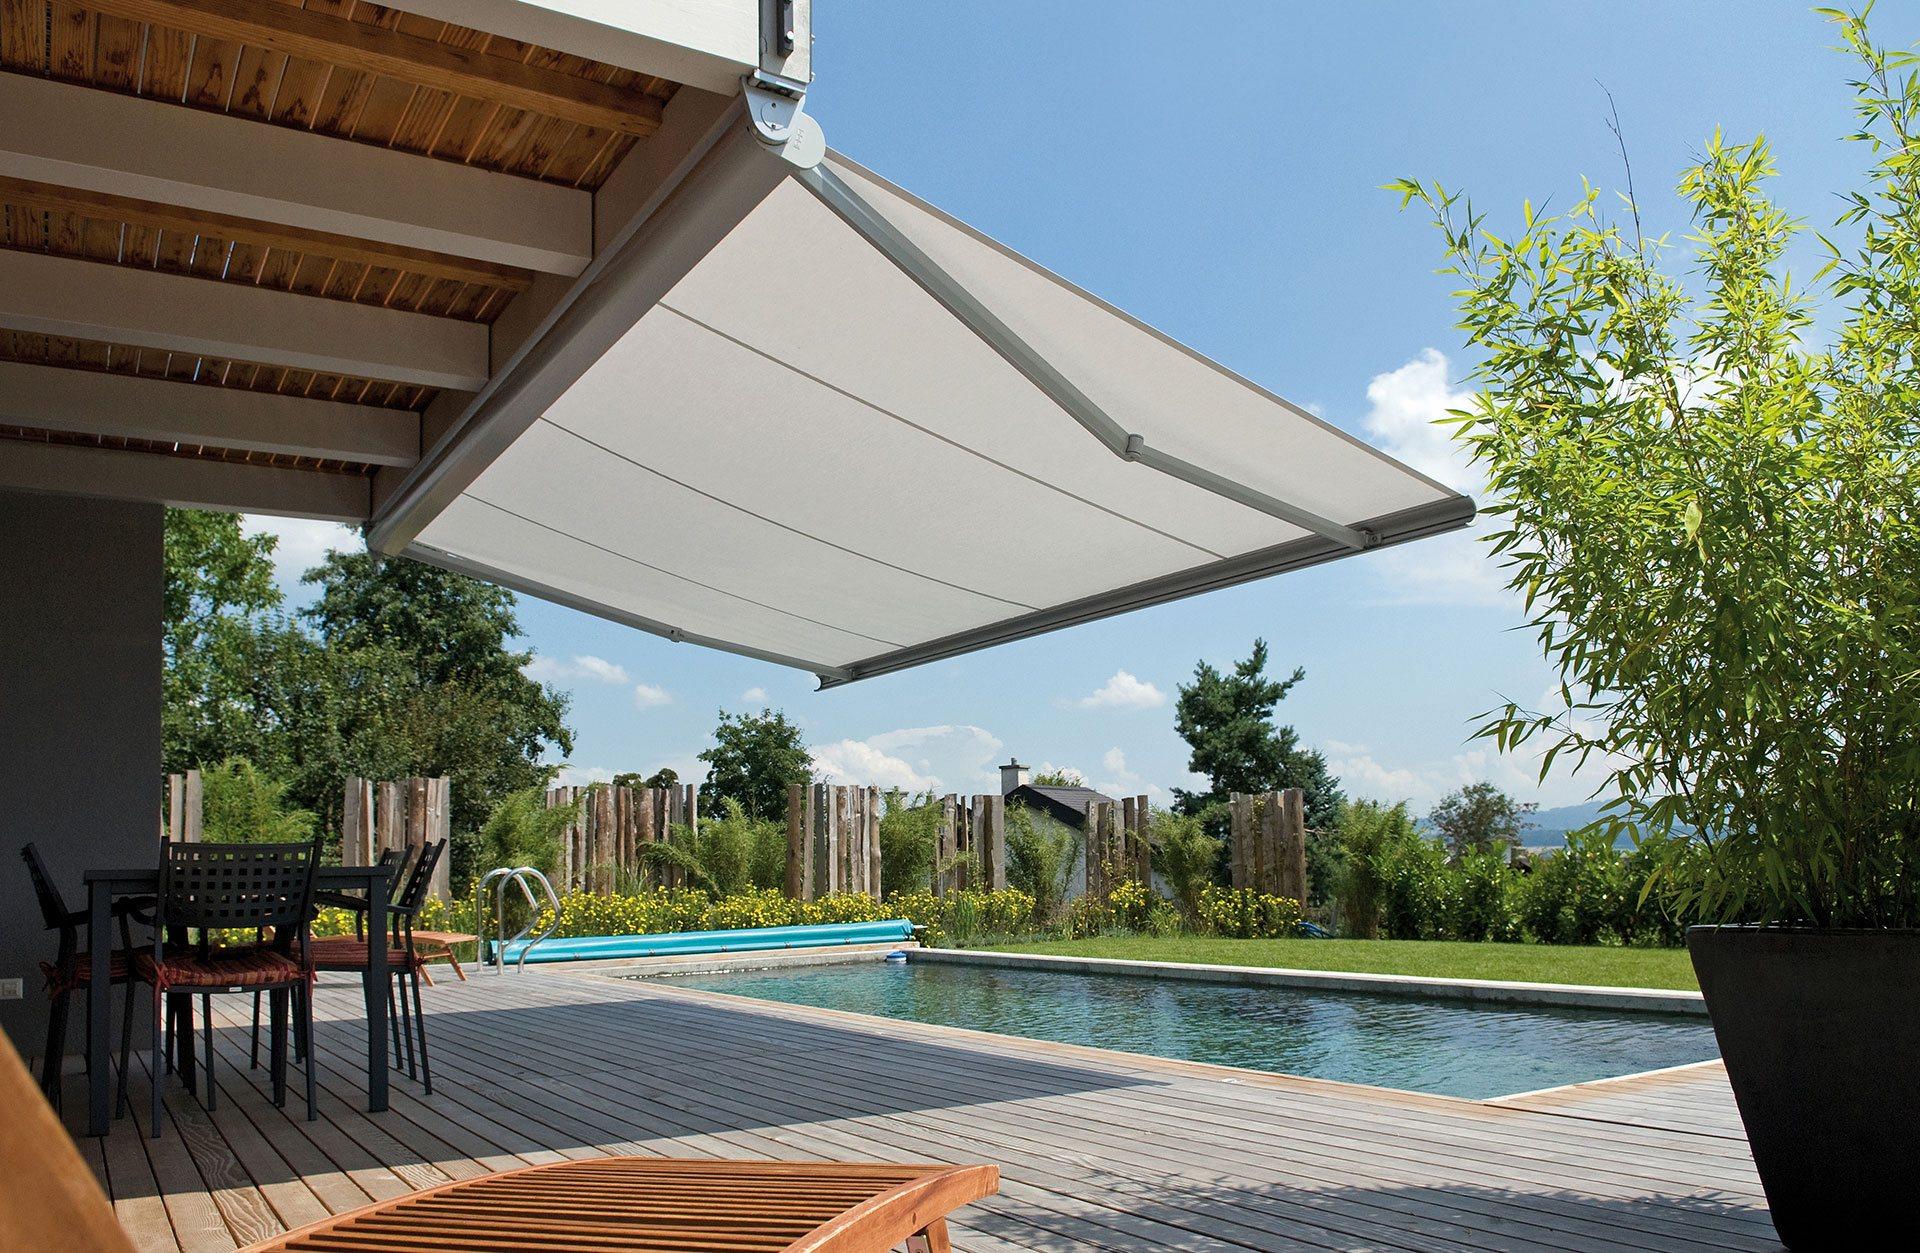 Offerte linearredo grandi occasioni su materassi tende for Tende da sole elettriche prezzi